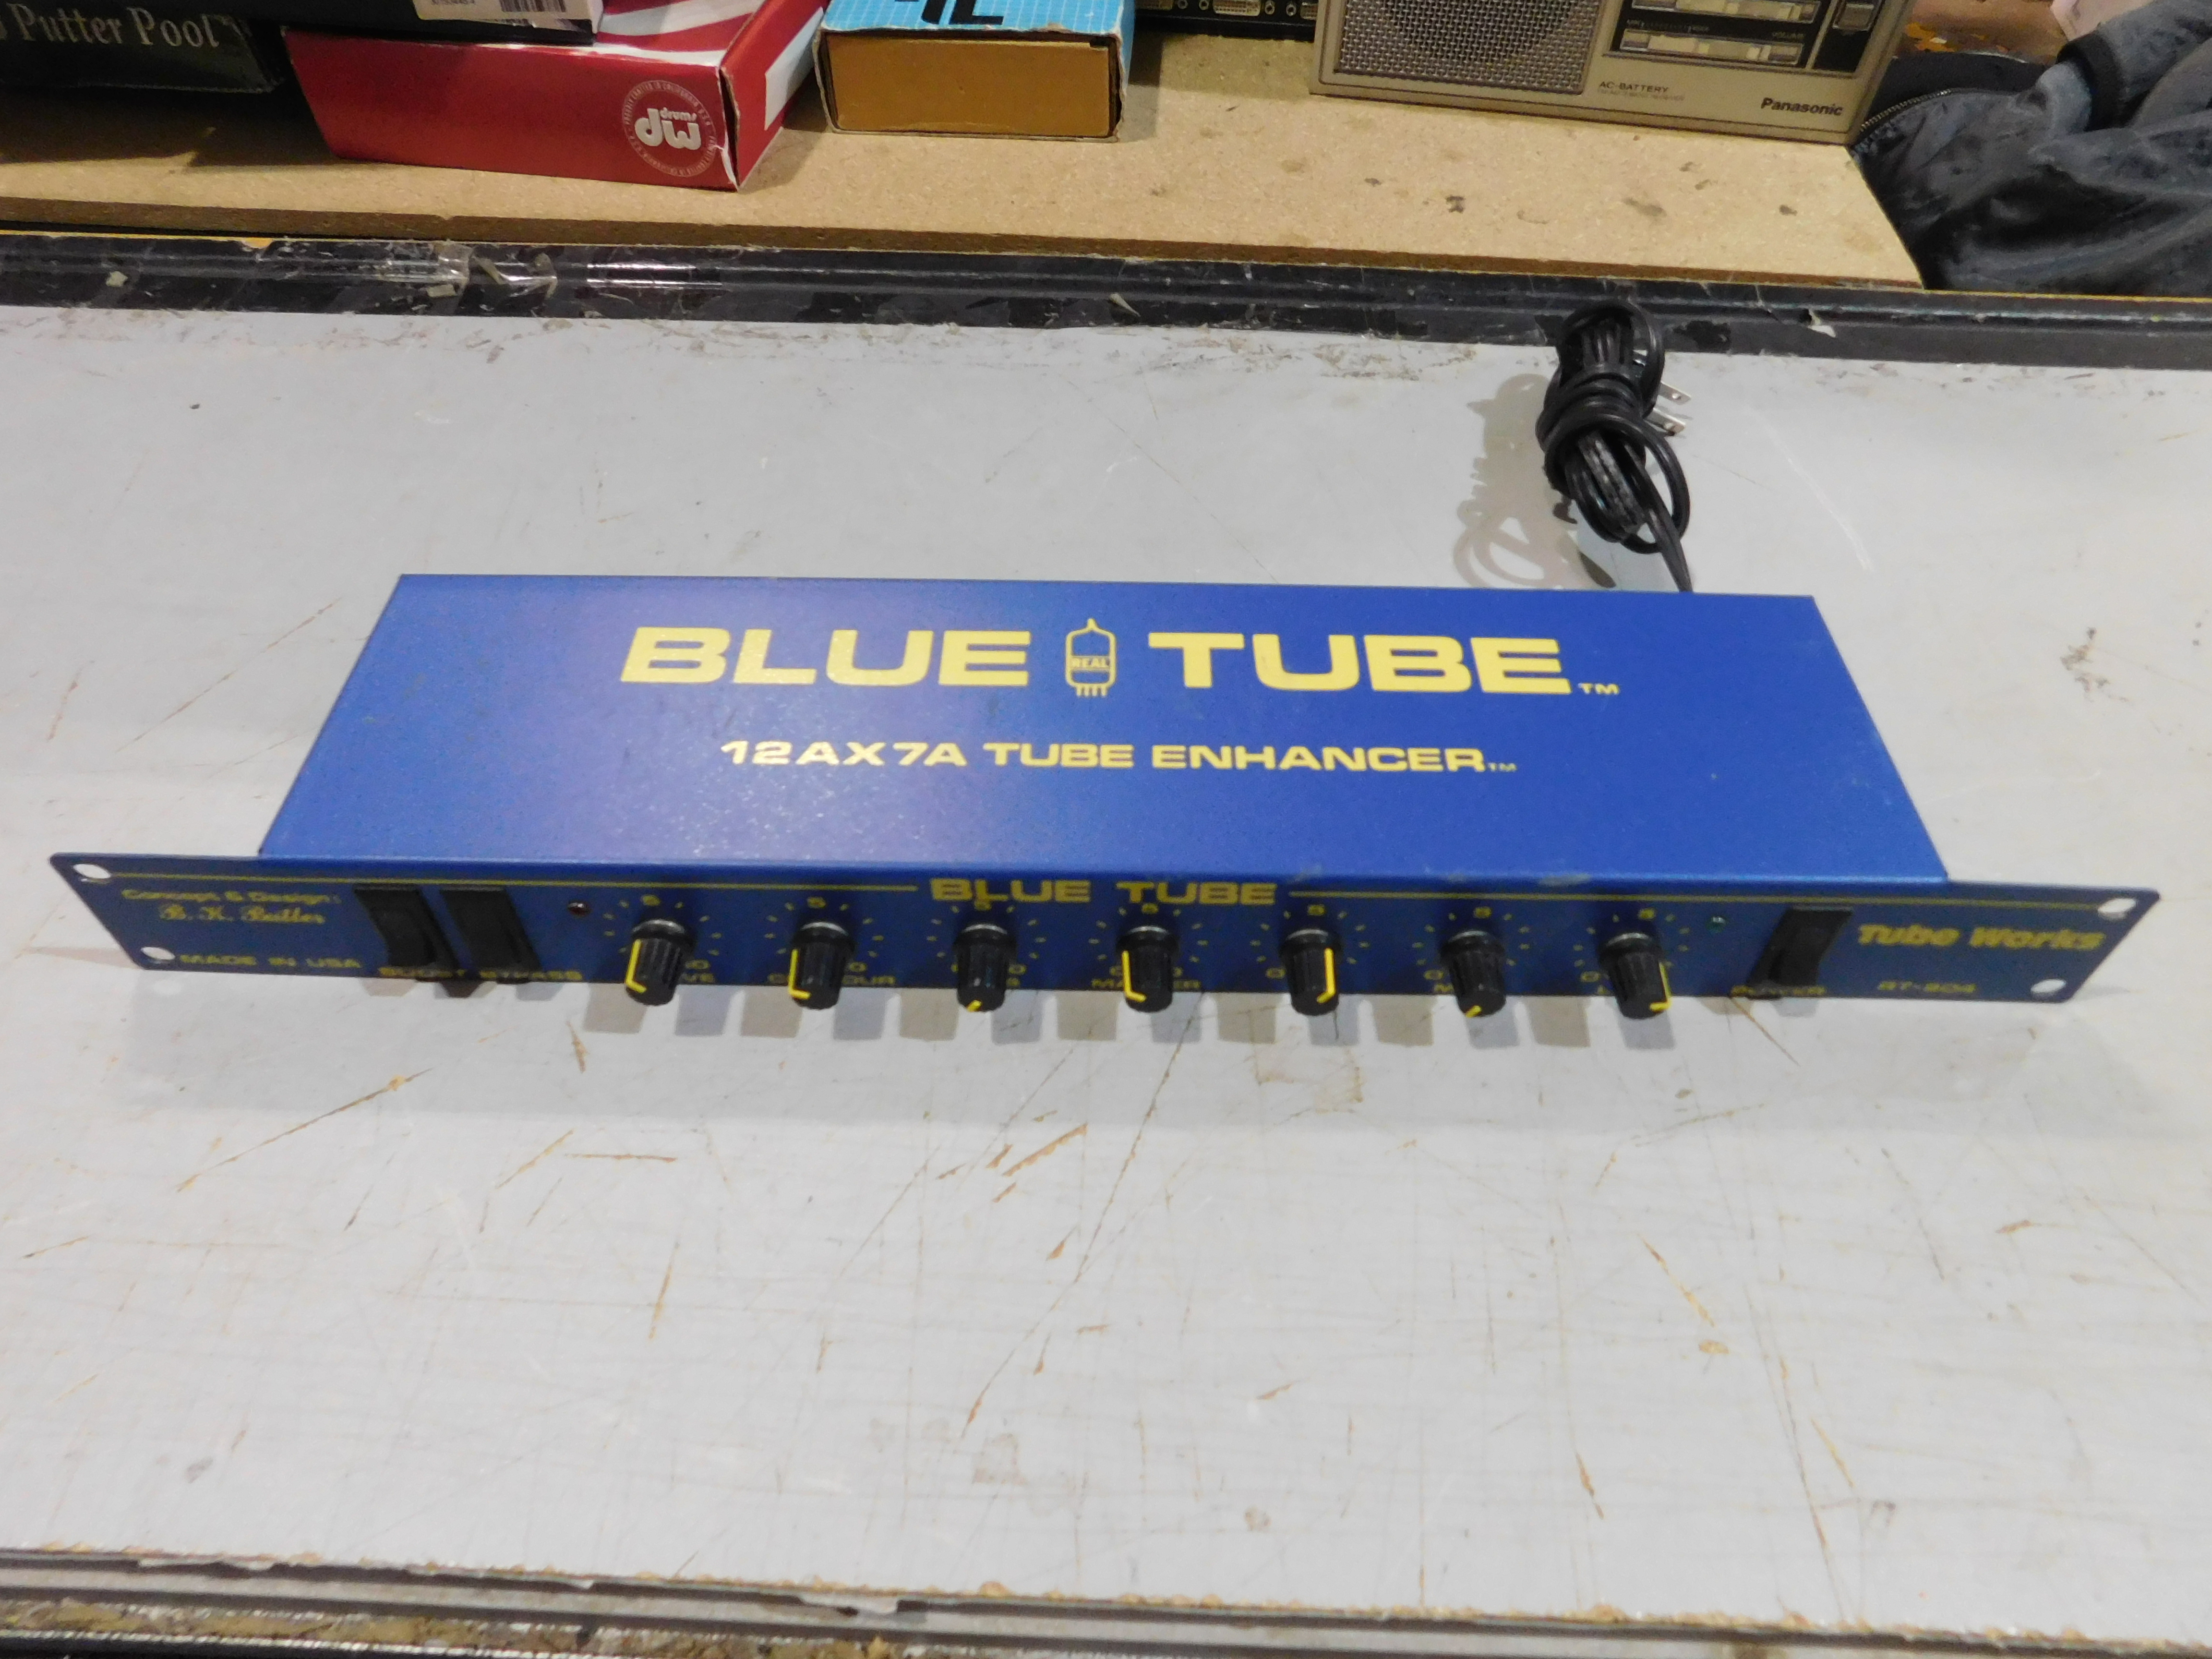 B.K. BUTLER Tube Works Blue Tube RT-904 Rackmount Guitar Preamp